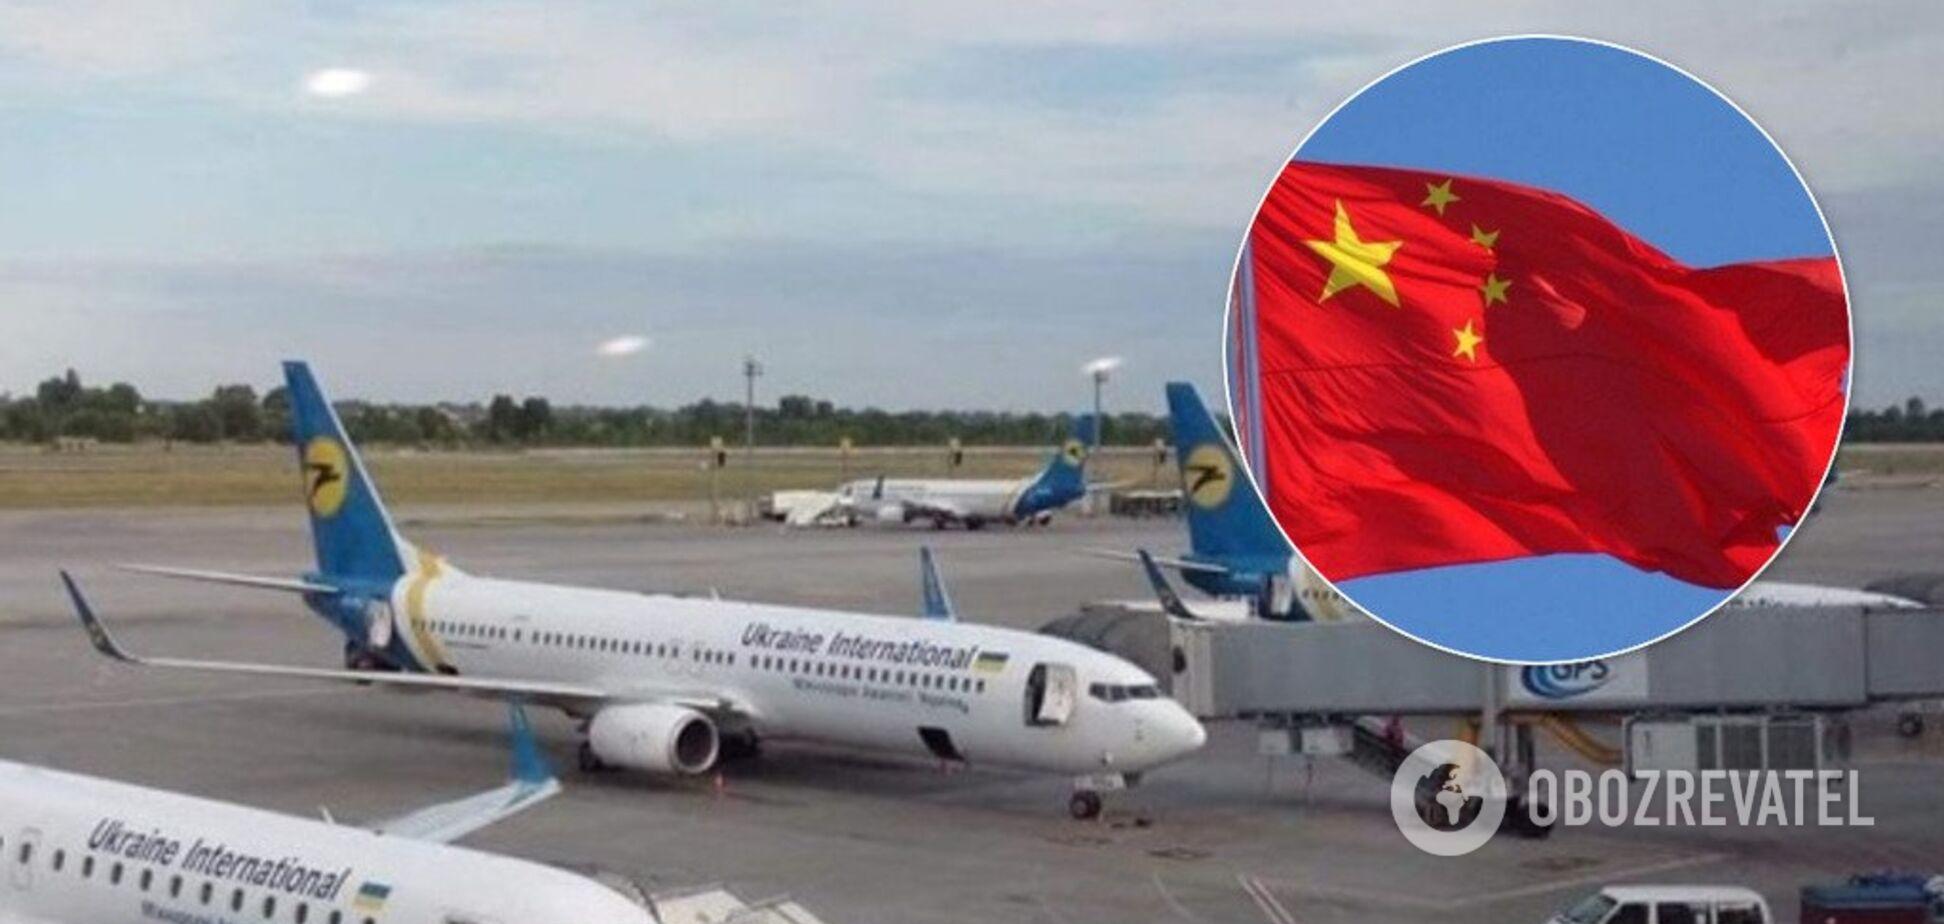 В Киев прибыл самолет из Китая: украинцы рассказали о ситуации. Видео